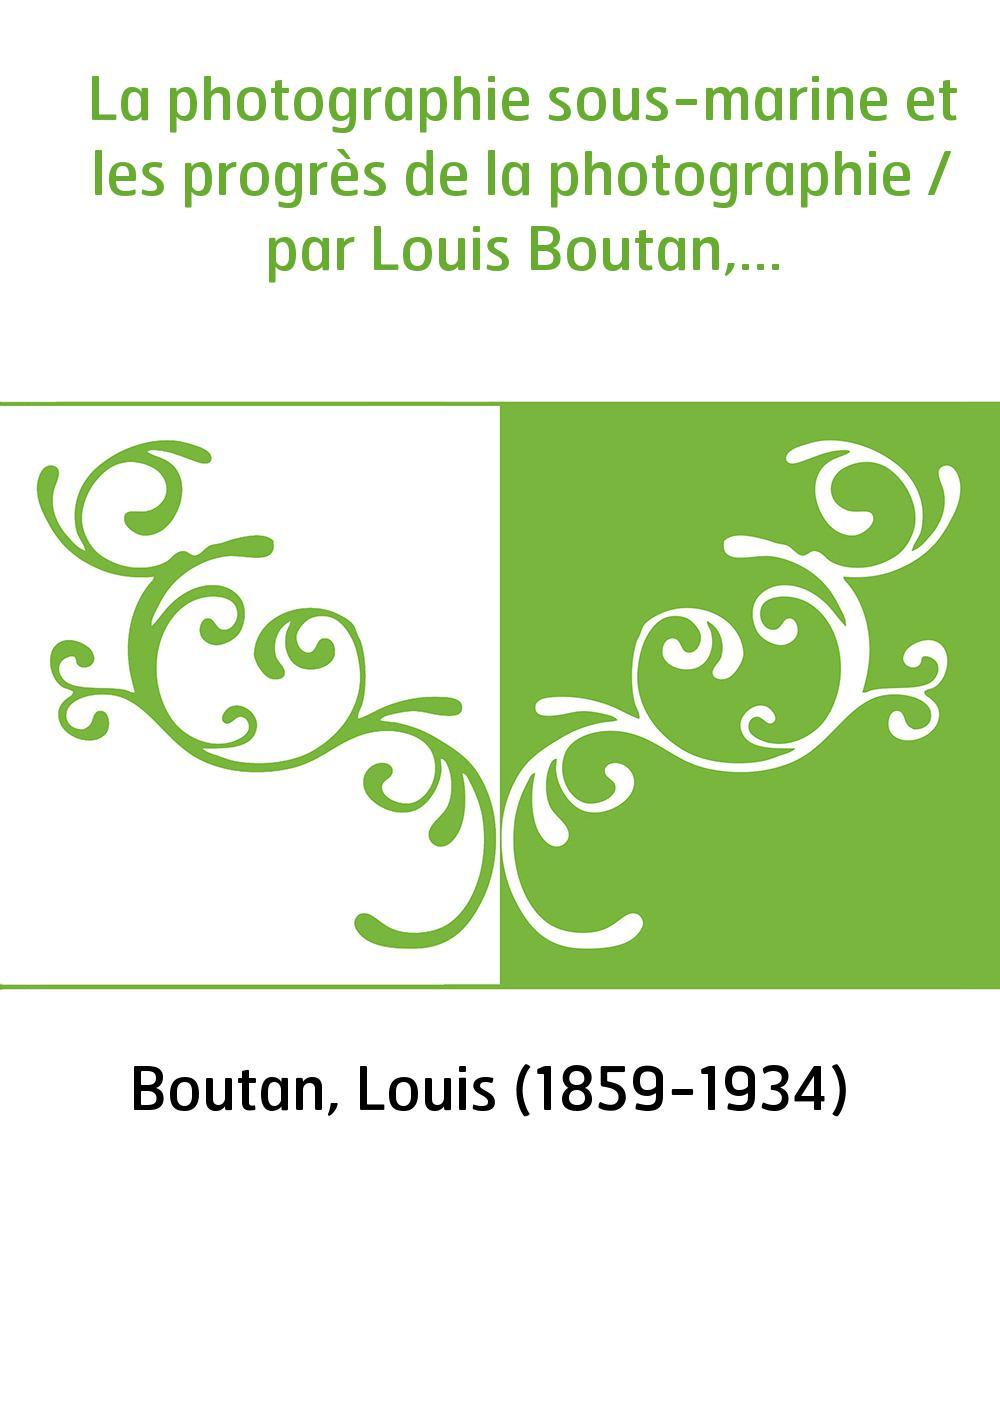 La photographie sous-marine et les progrès de la photographie / par Louis Boutan,...